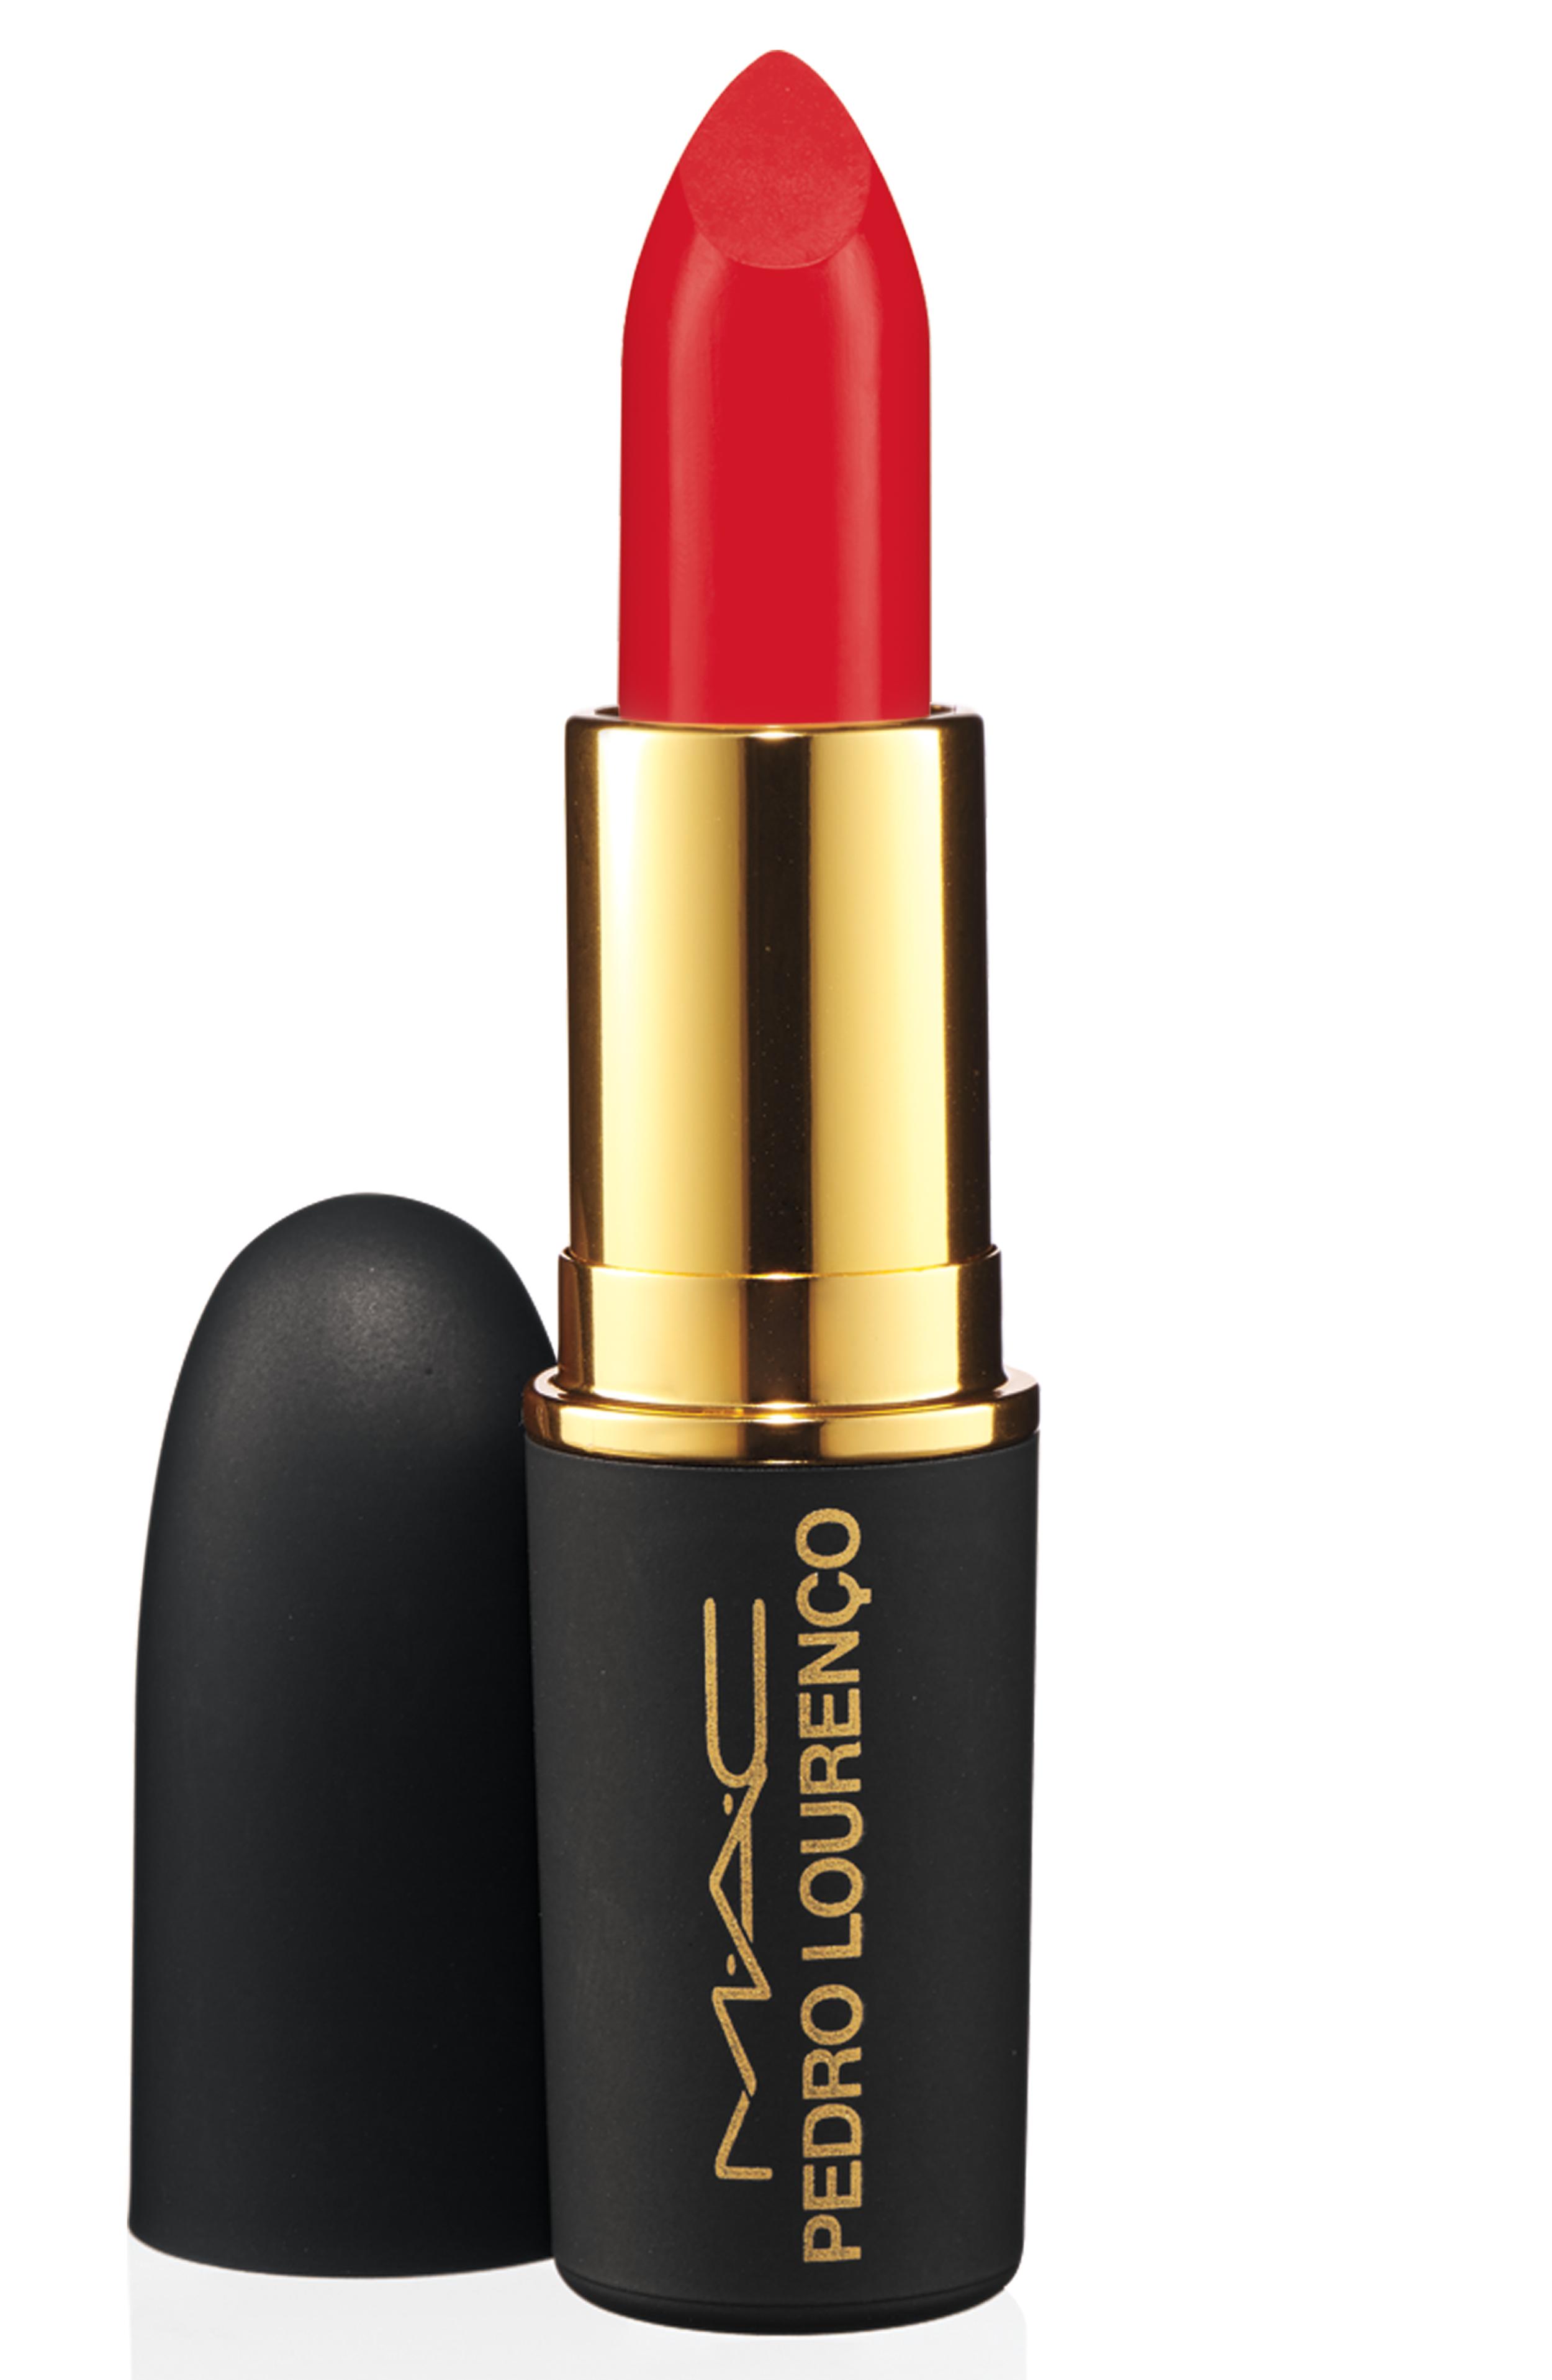 M.A.C. Pedro Lourenco lipstick in True Red